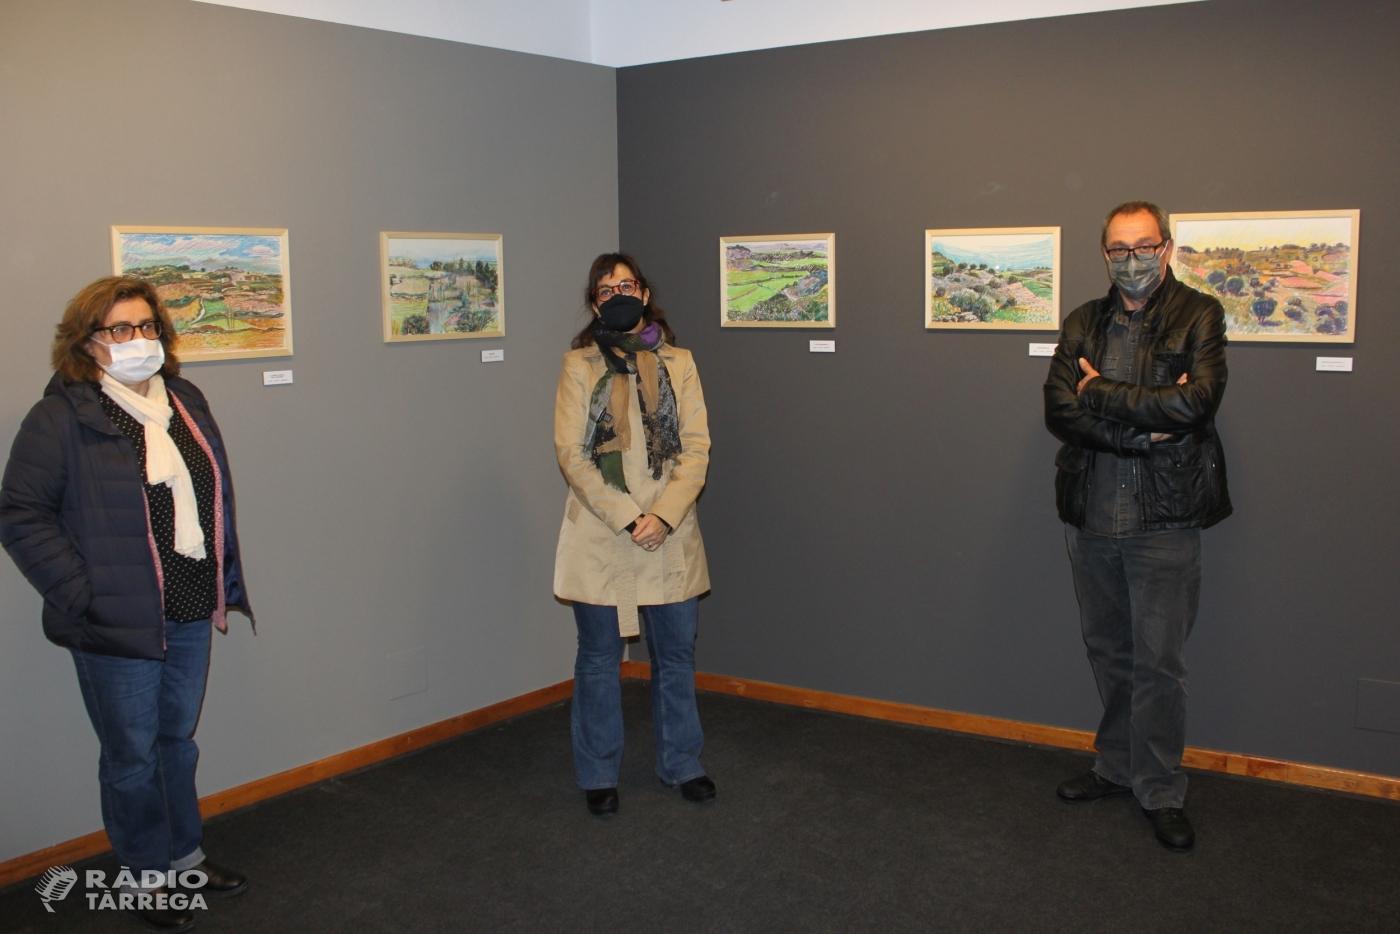 El Museu Tàrrega Urgell obre una nova exposició que treu a la llum obra inèdita del pintor Lluís Trepat